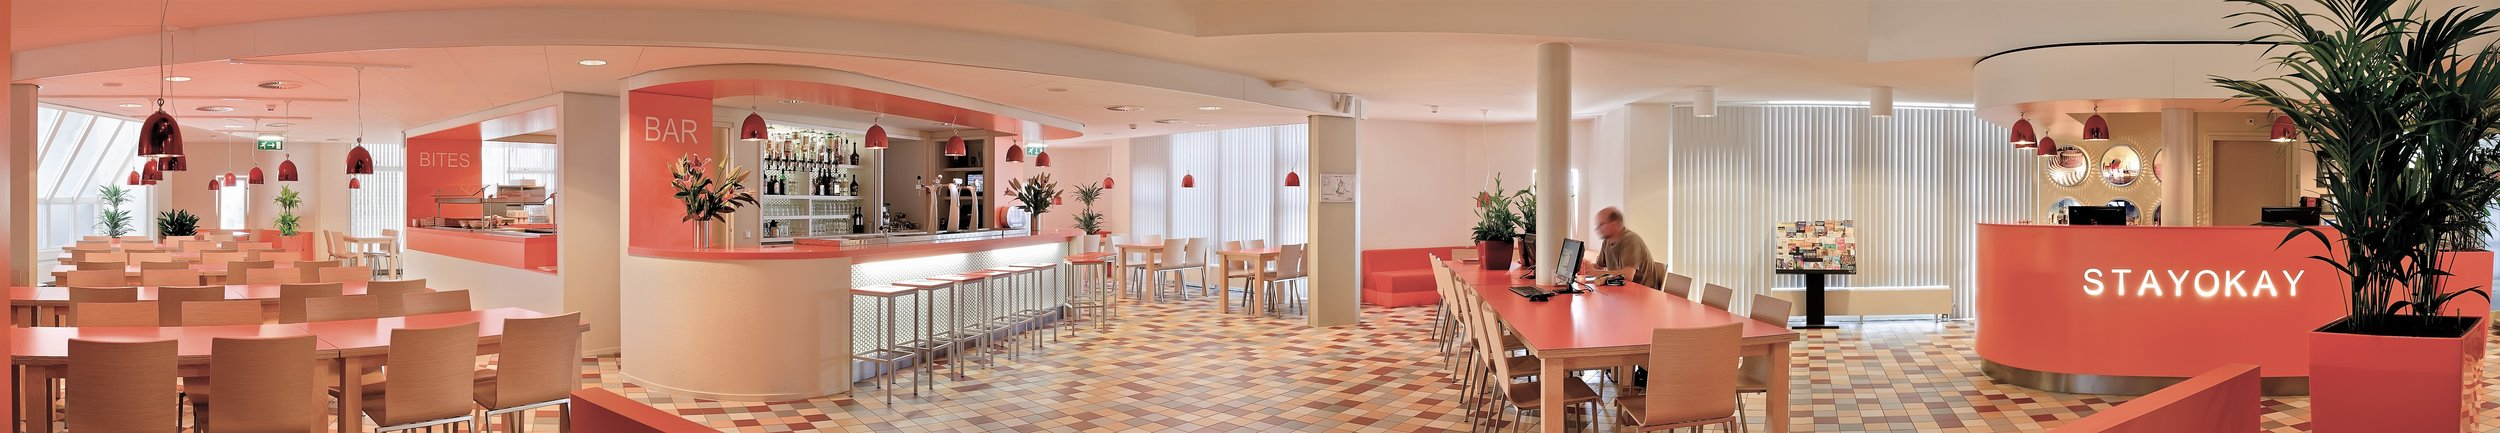 Personal-Architecture-rotterdam-Stayokay-08-Taco vd Werf - Stayokay.jpg